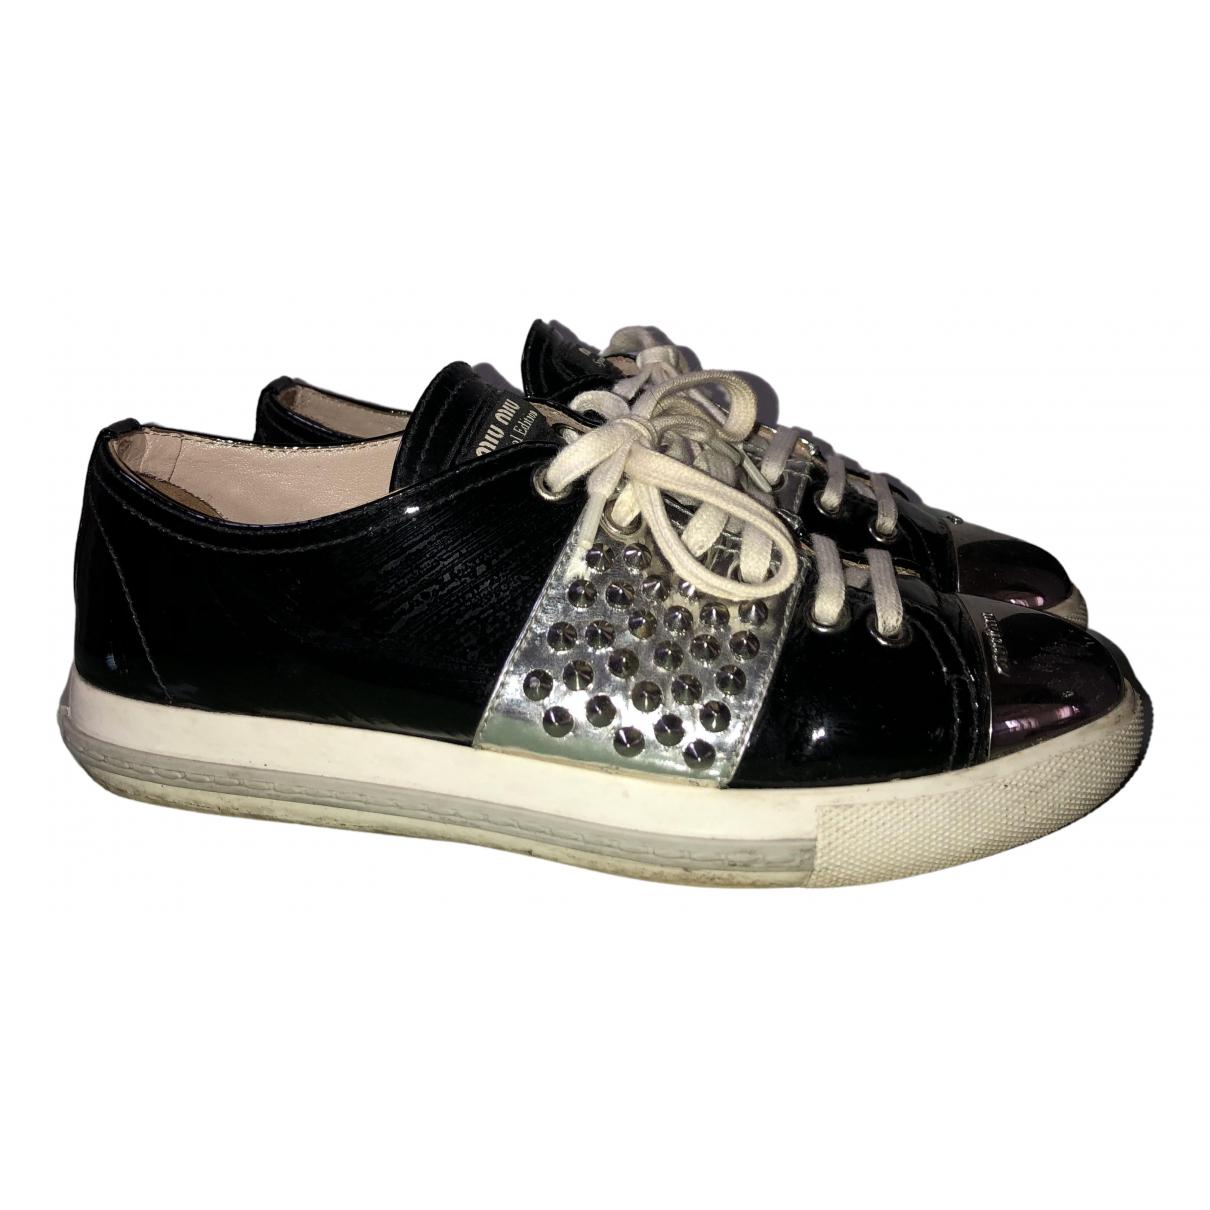 Miu Miu \N Sneakers in  Schwarz Lackleder